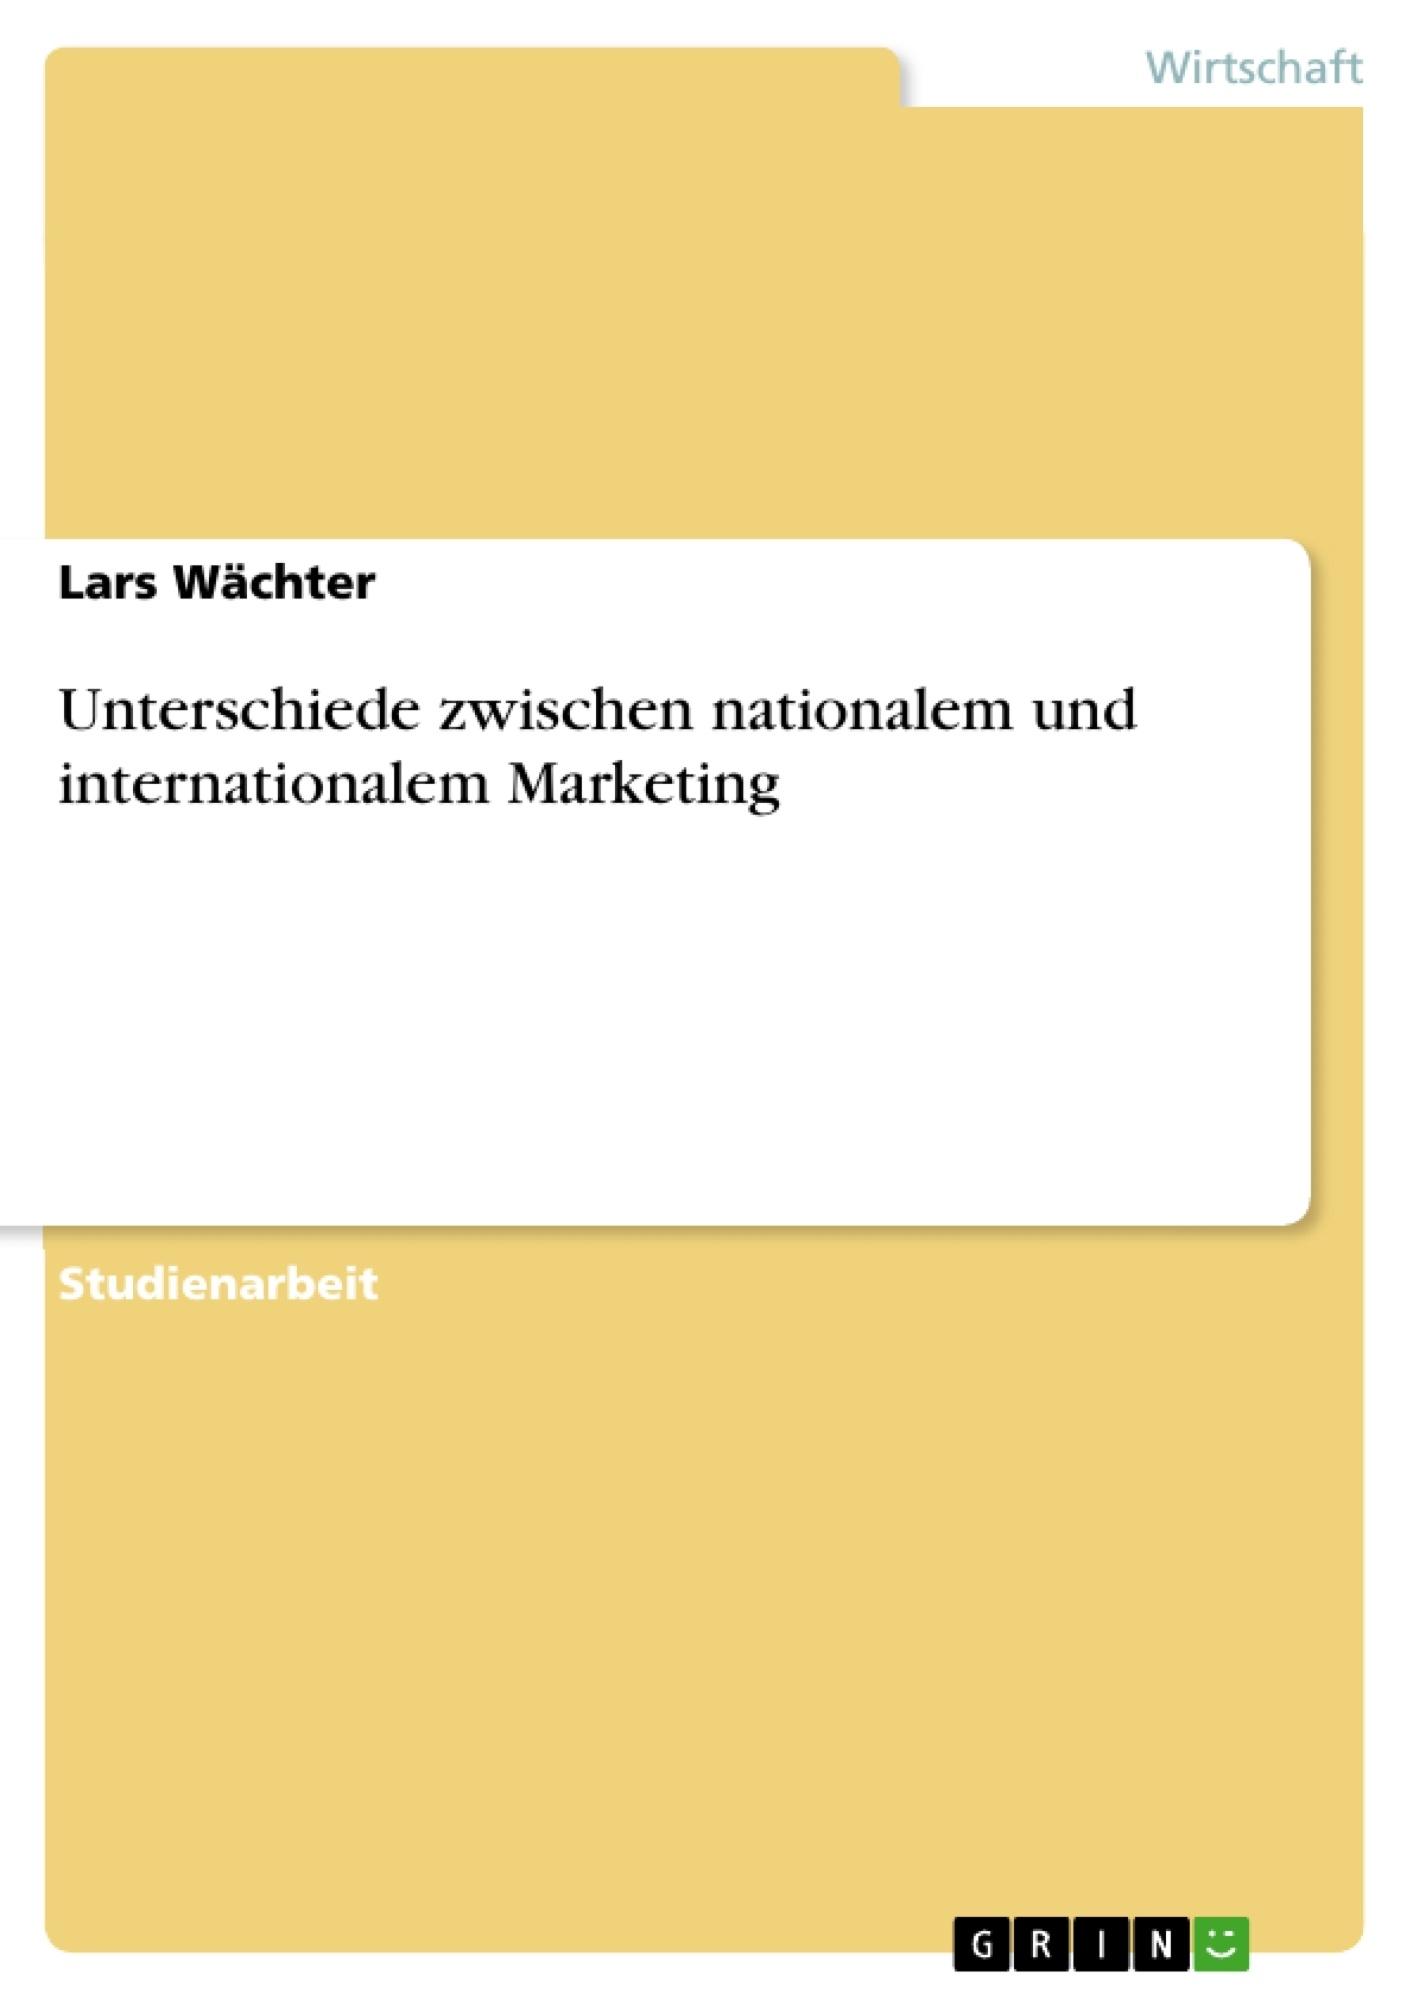 Titel: Unterschiede zwischen nationalem und internationalem Marketing